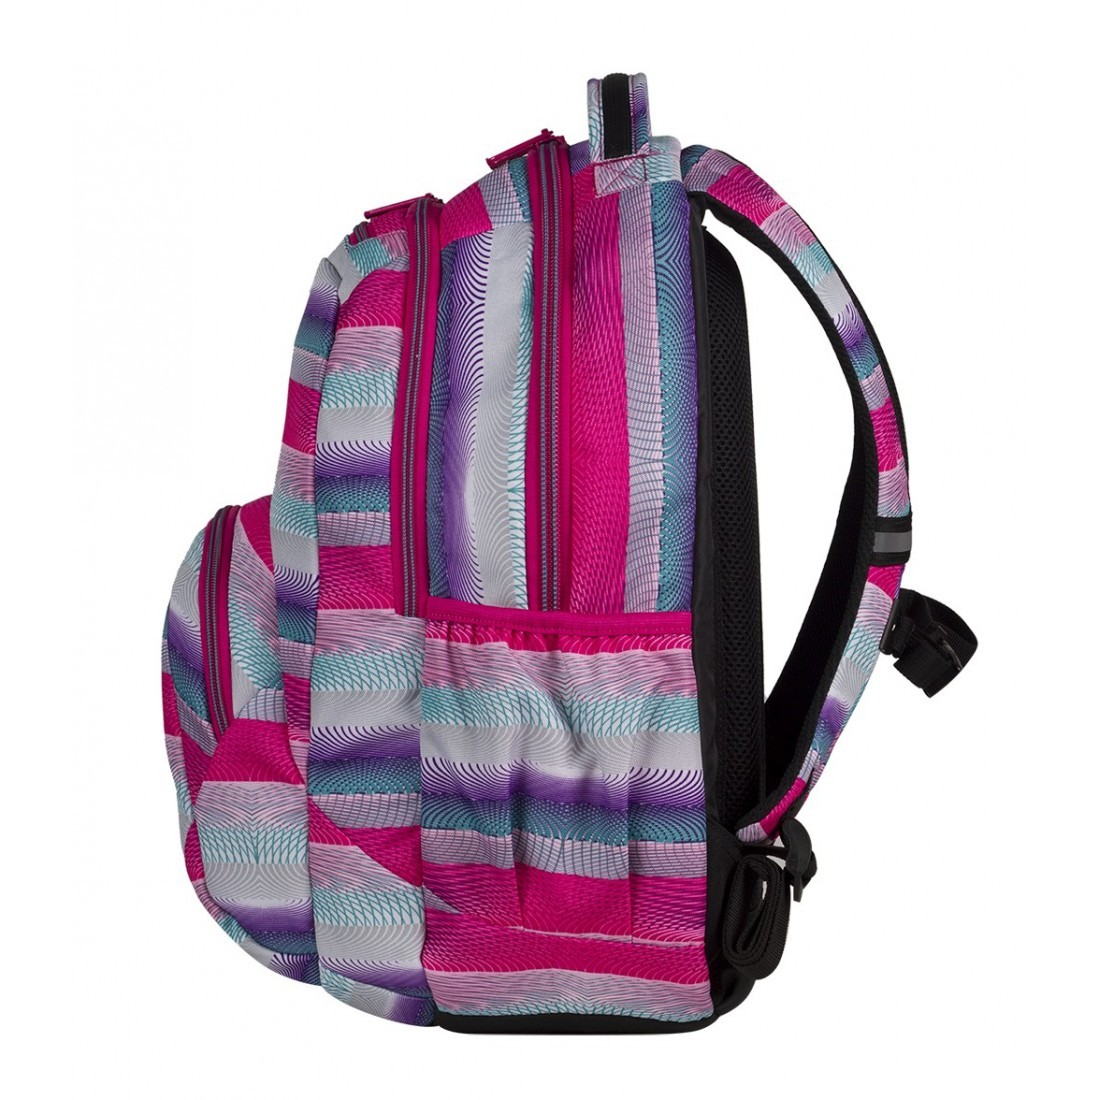 Plecak młodzieżowy CoolPack SMASH PINK TWIST CP 397 - plecak-tornister.pl